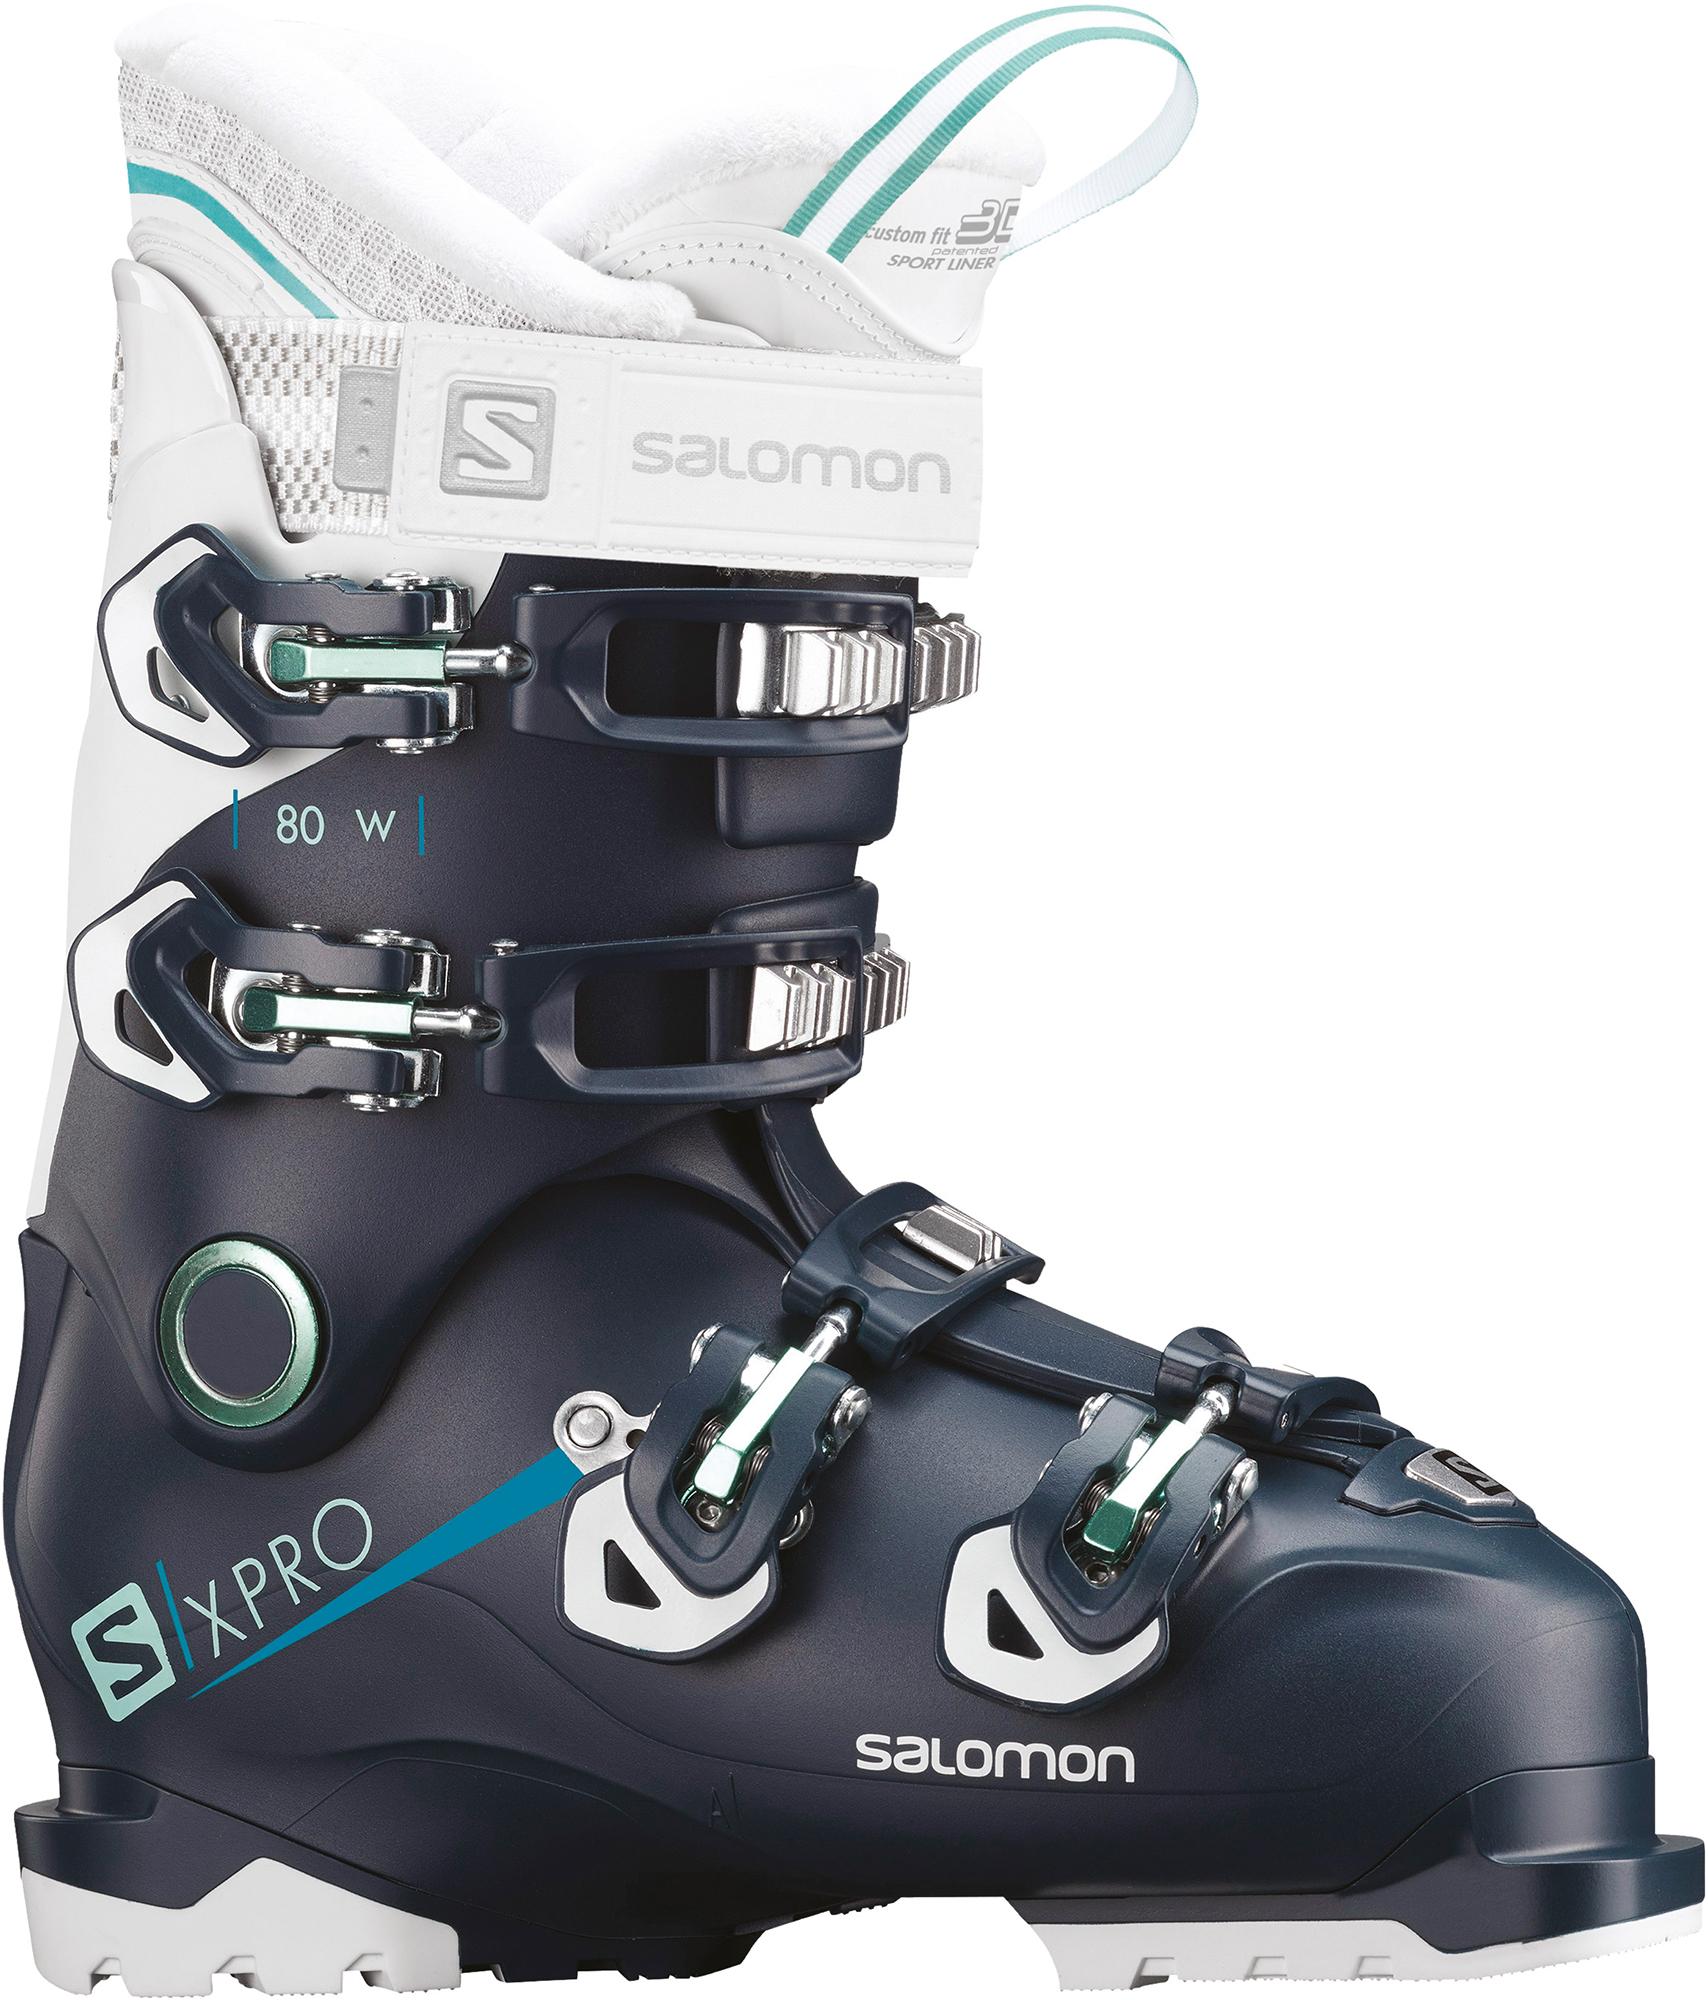 Salomon Ботинки горнолыжные женские Salomon X PRO 80, размер 37 salomon ботинки горнолыжные salomon x pro 110 размер 44